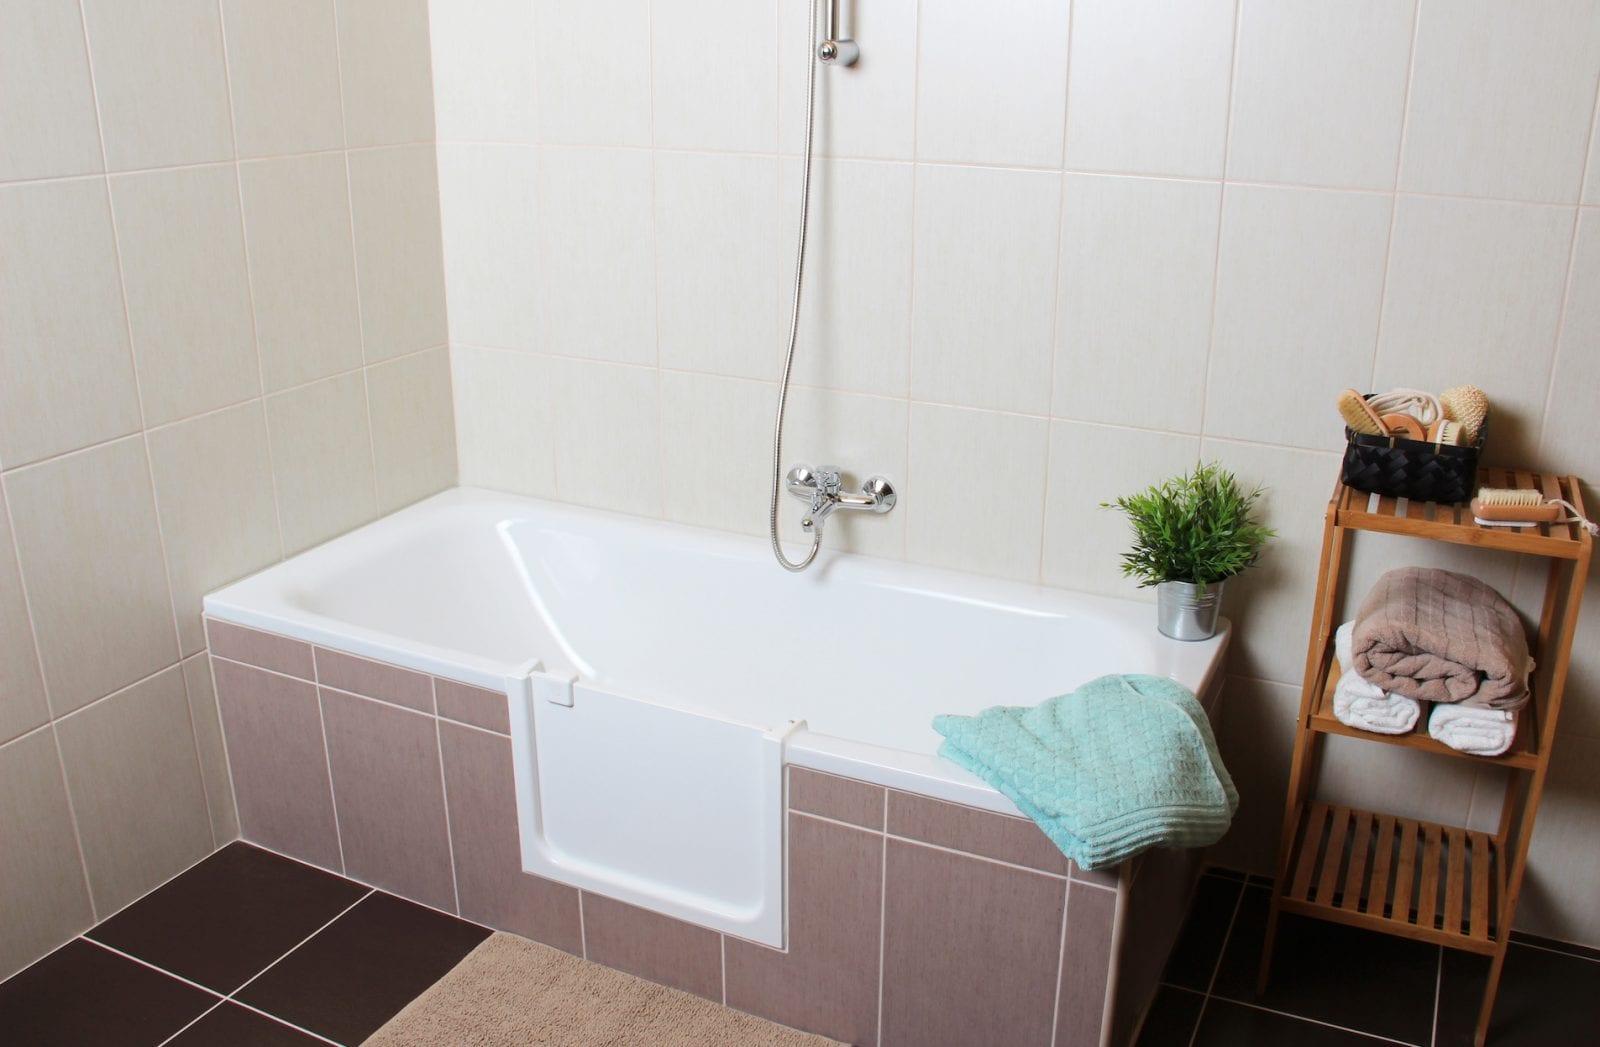 UDOOR fürdőkádajtó - segítség a fürdőszobában